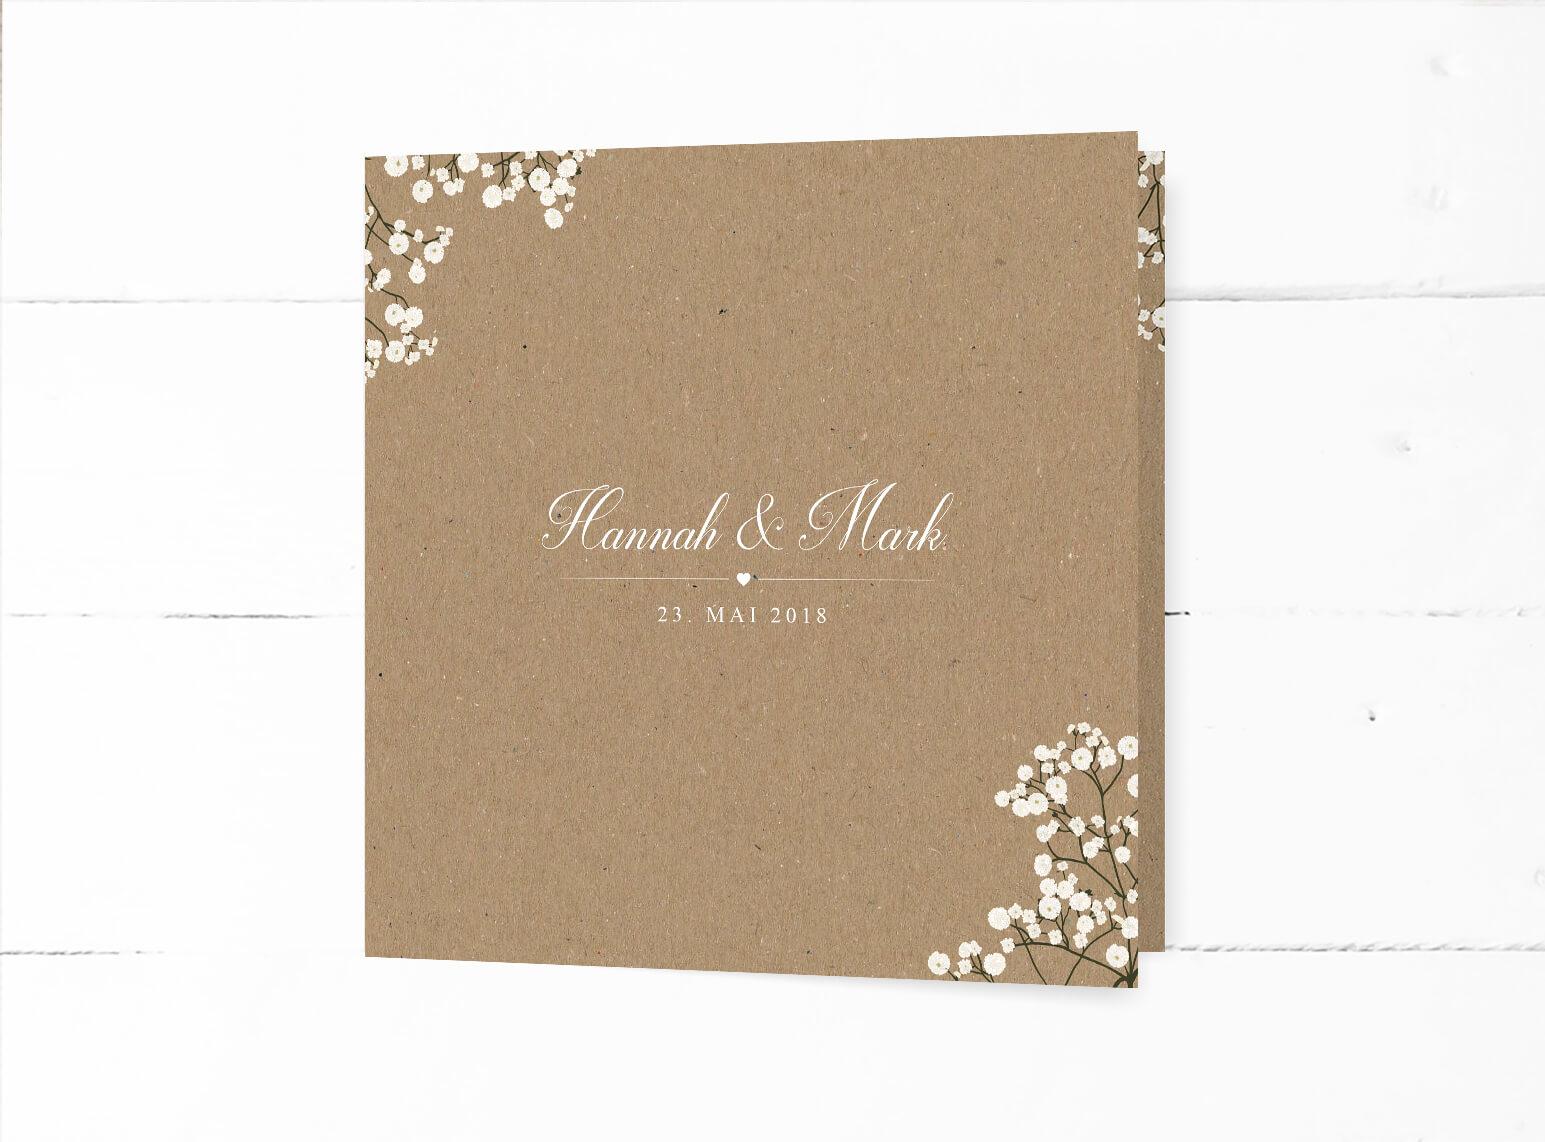 Hochzeitseinladung im Vintage Style, Quadratische Klappkarte